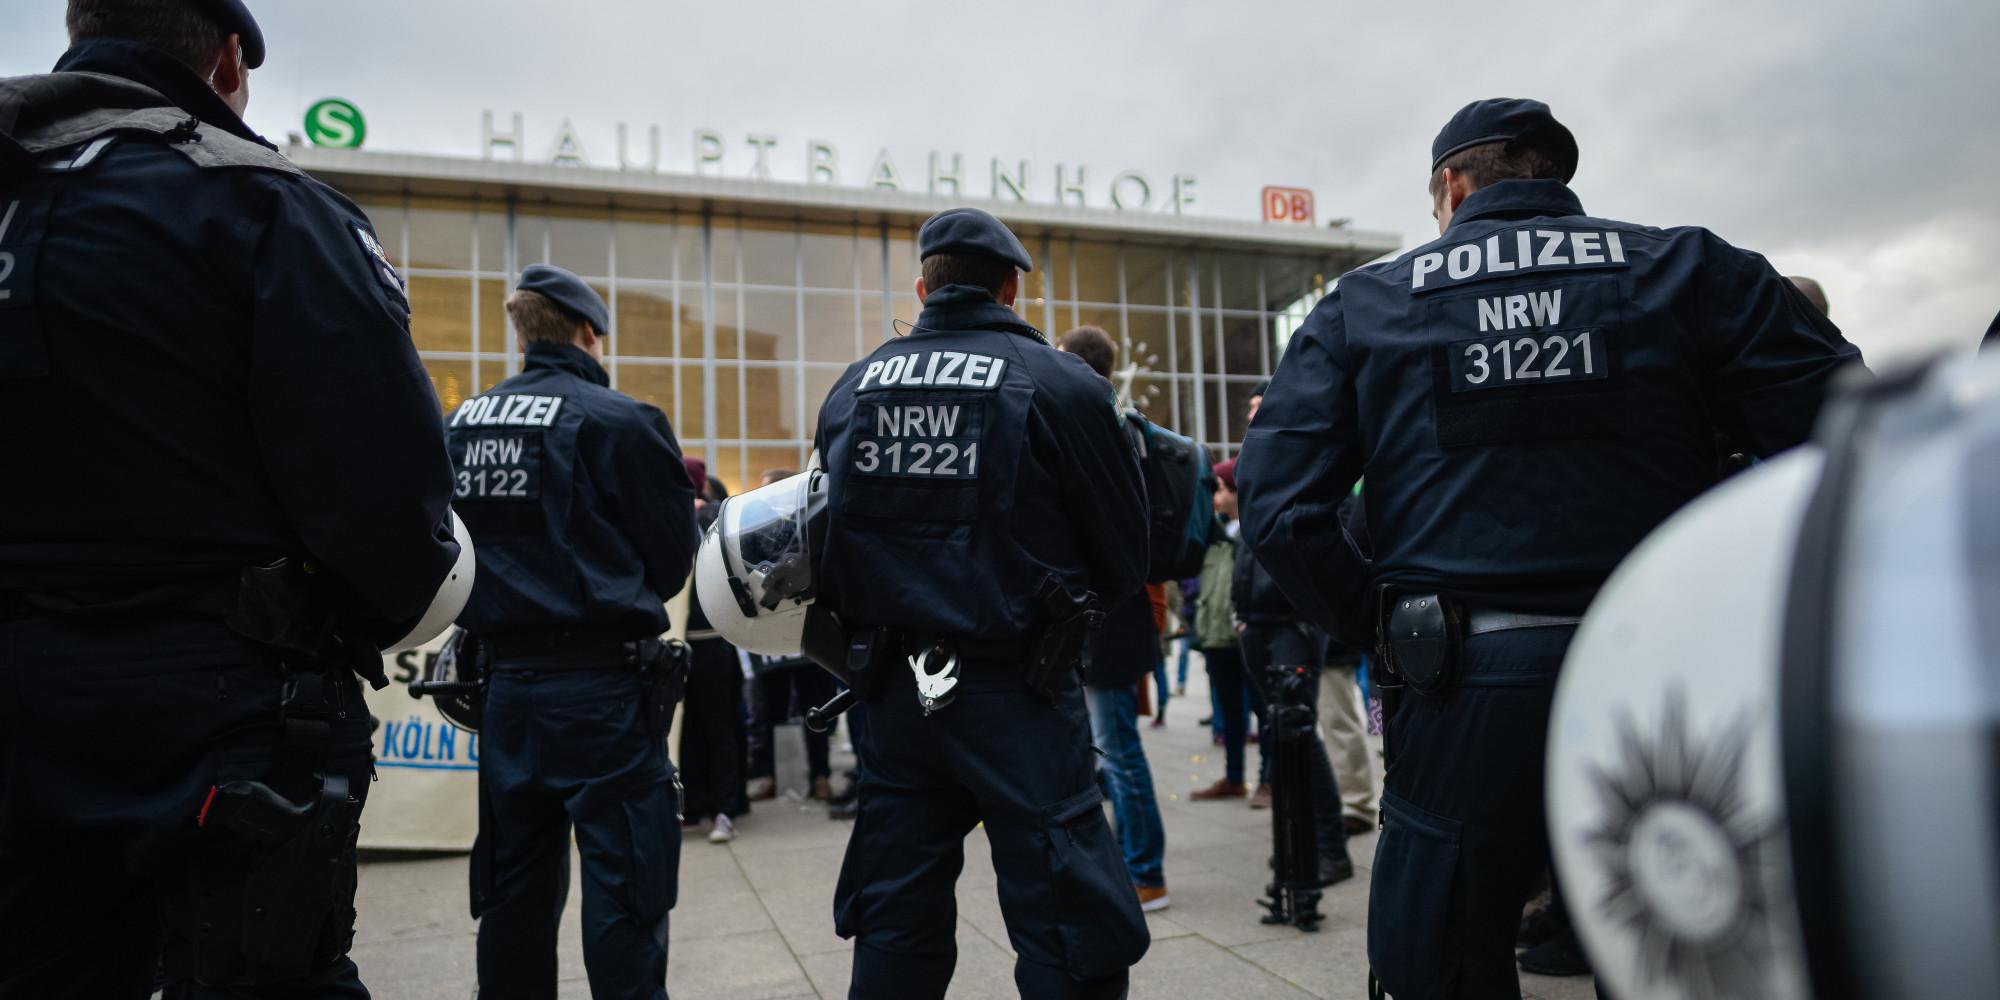 Νέο «κύμα» σεξουαλικών παρενοχλήσεων από μετανάστες στη Γερμανία